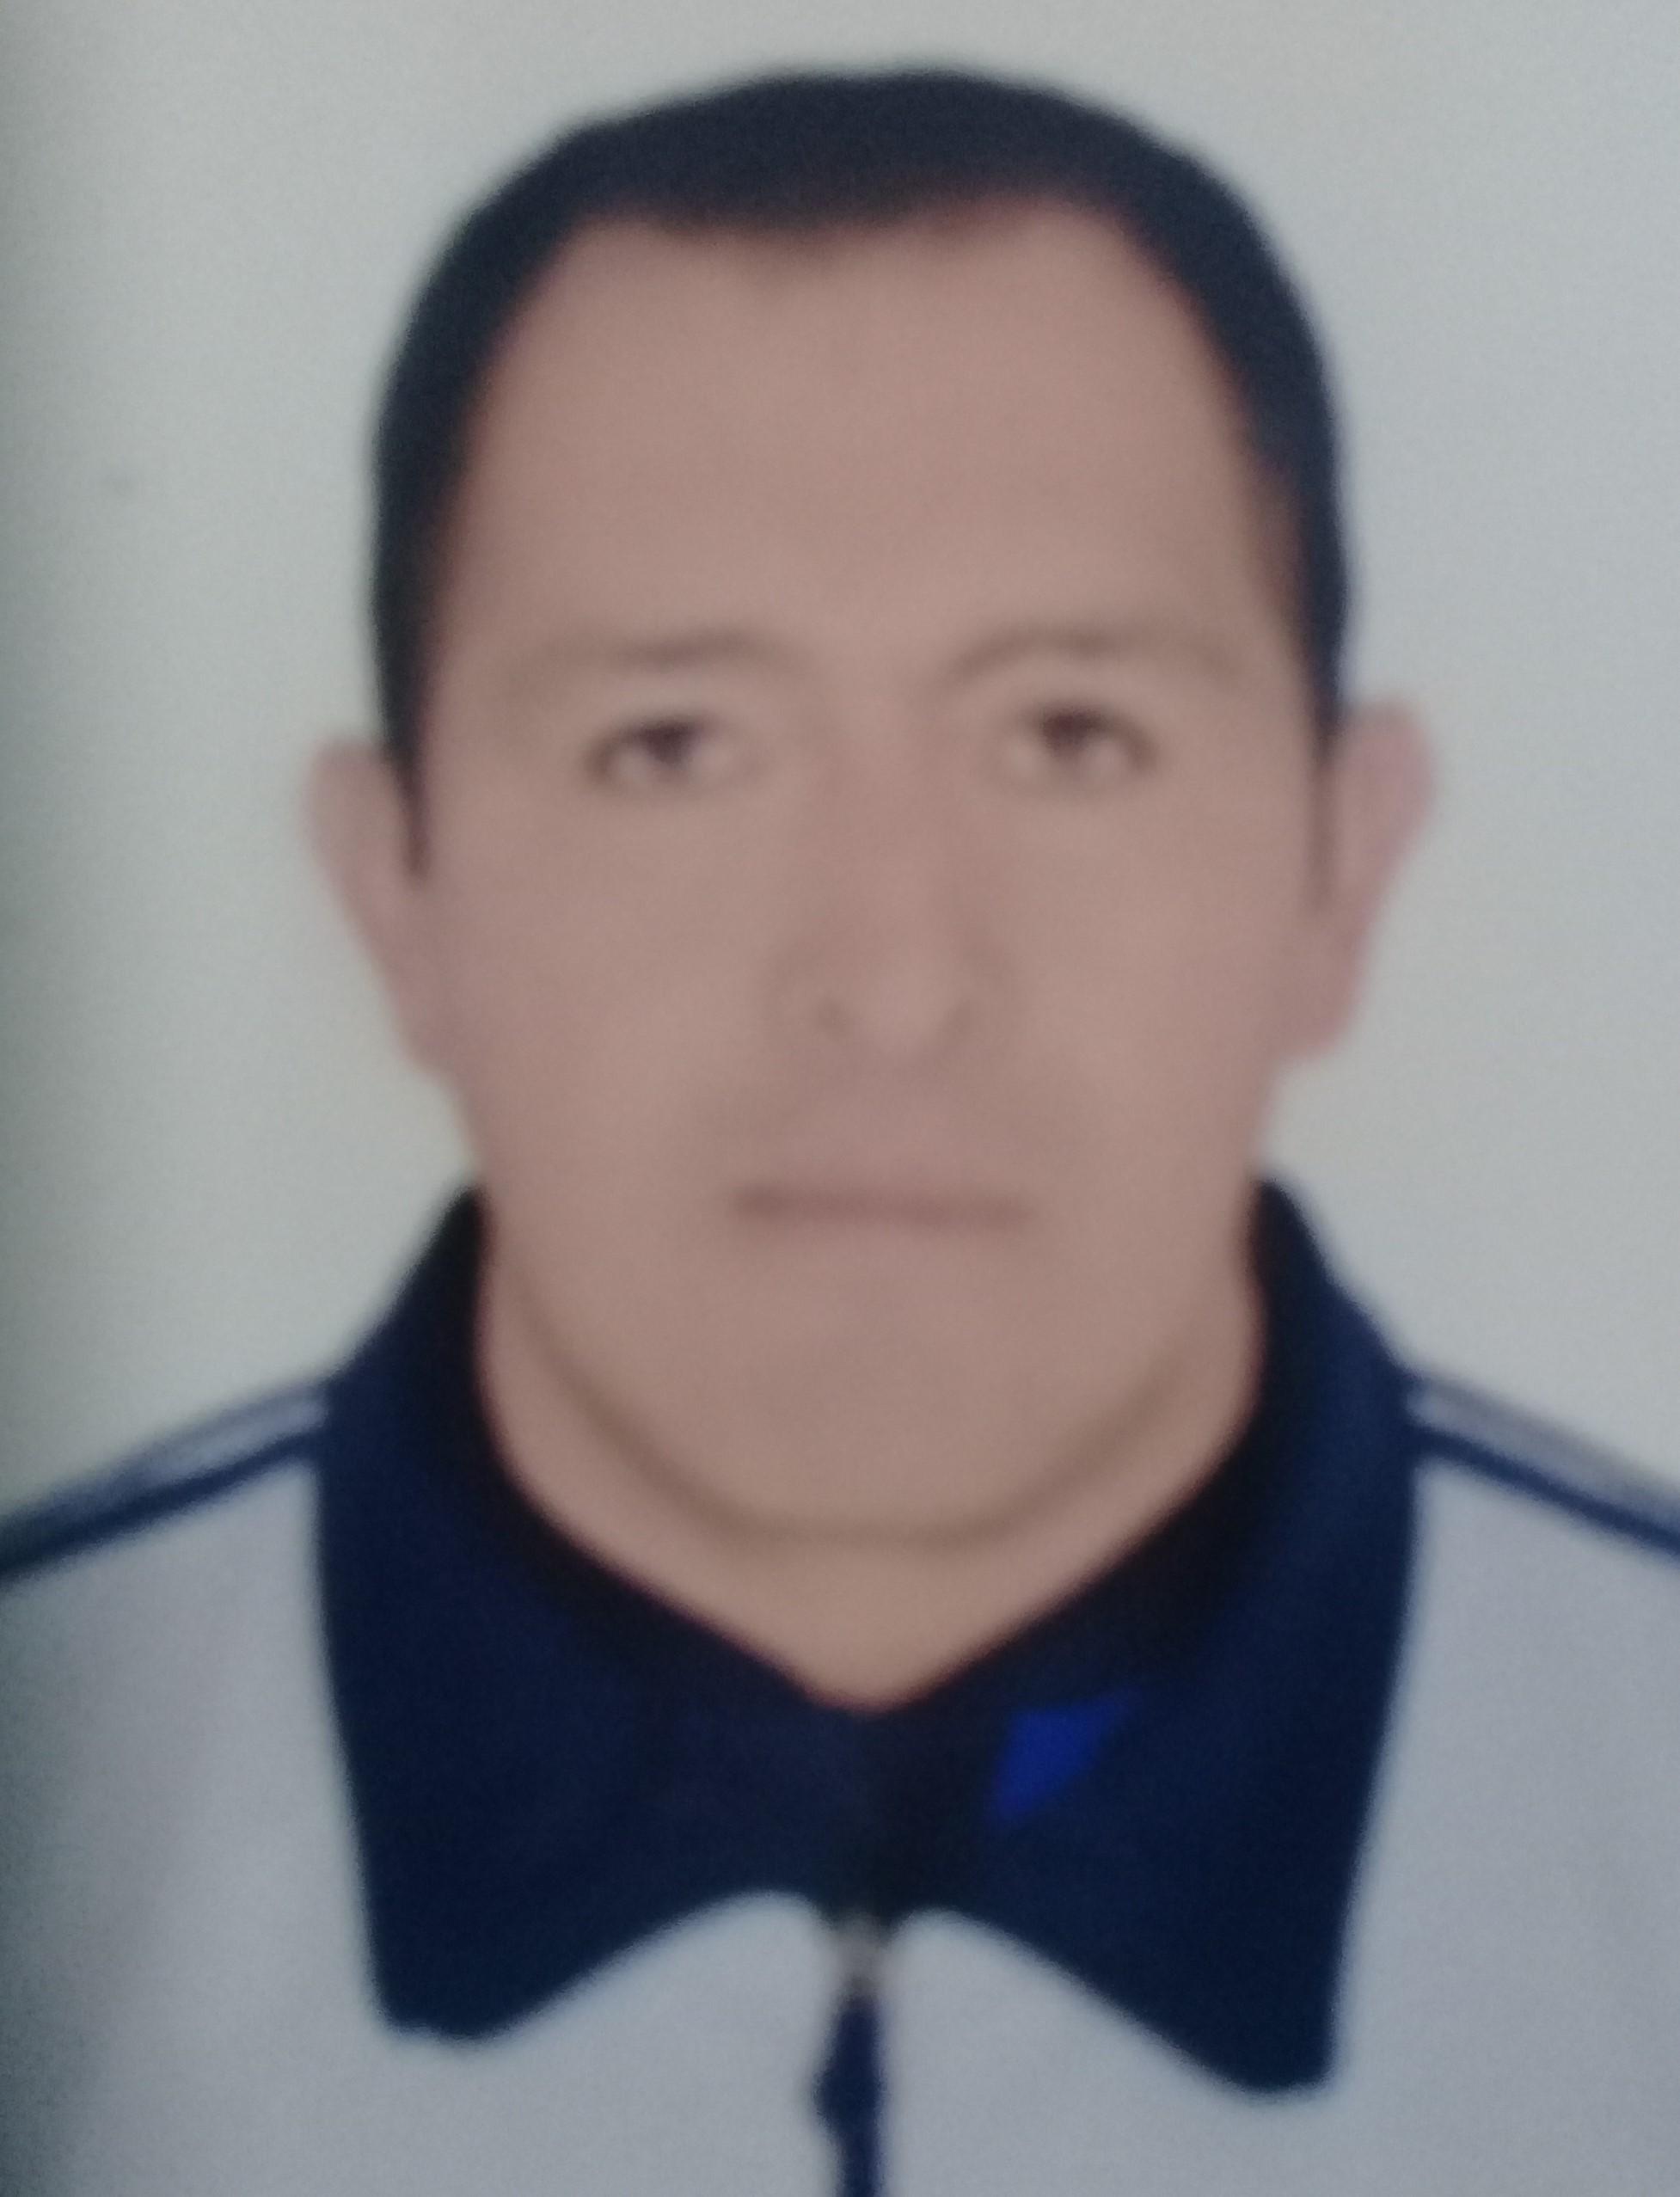 CARLOS ENRIQUE AGRAMONTE NUÑEZ